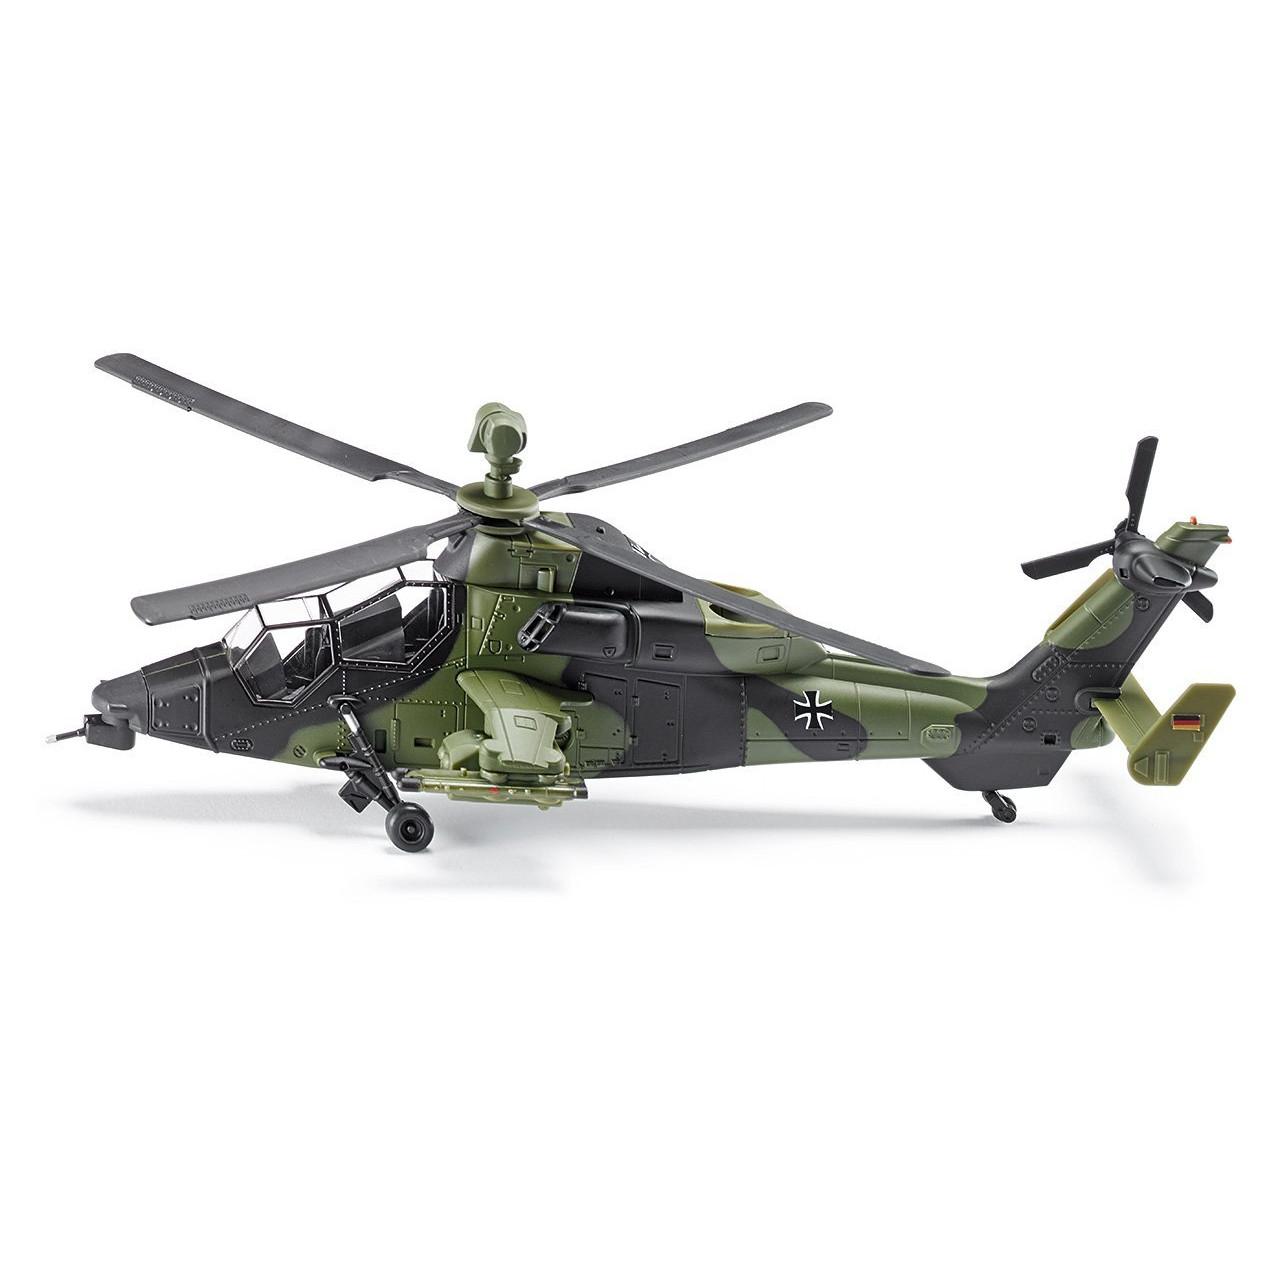 Купить Игрушечная модель - Вертолет военный, 1:50, Siku